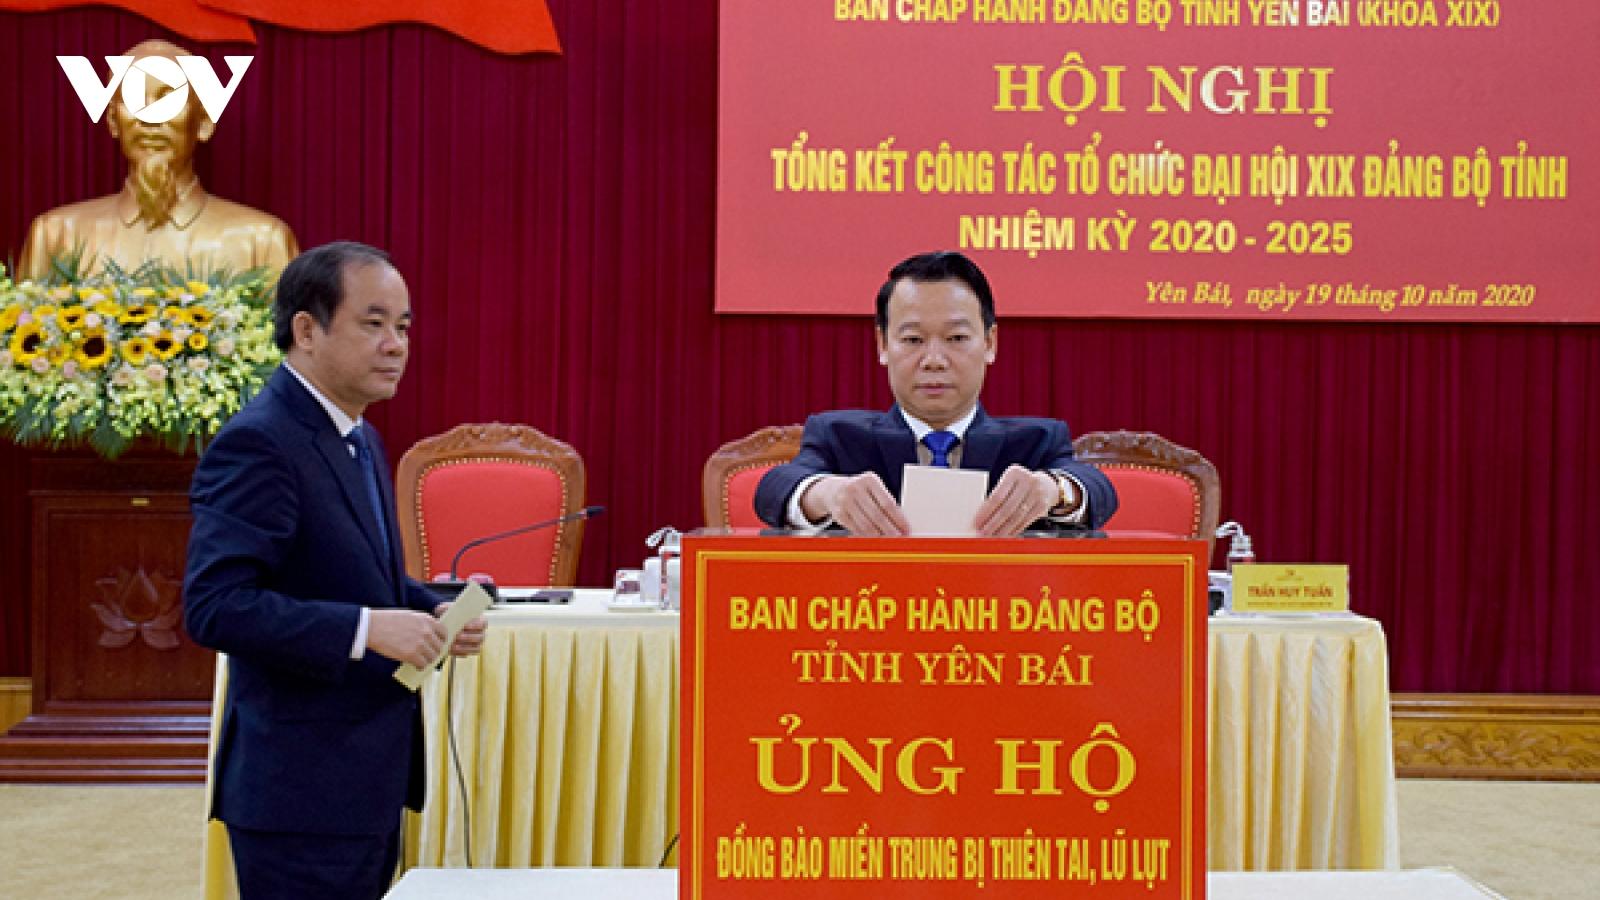 Tỉnh ủy Yên Bái kêu gọi ủng hộ đồng bào miền Trung